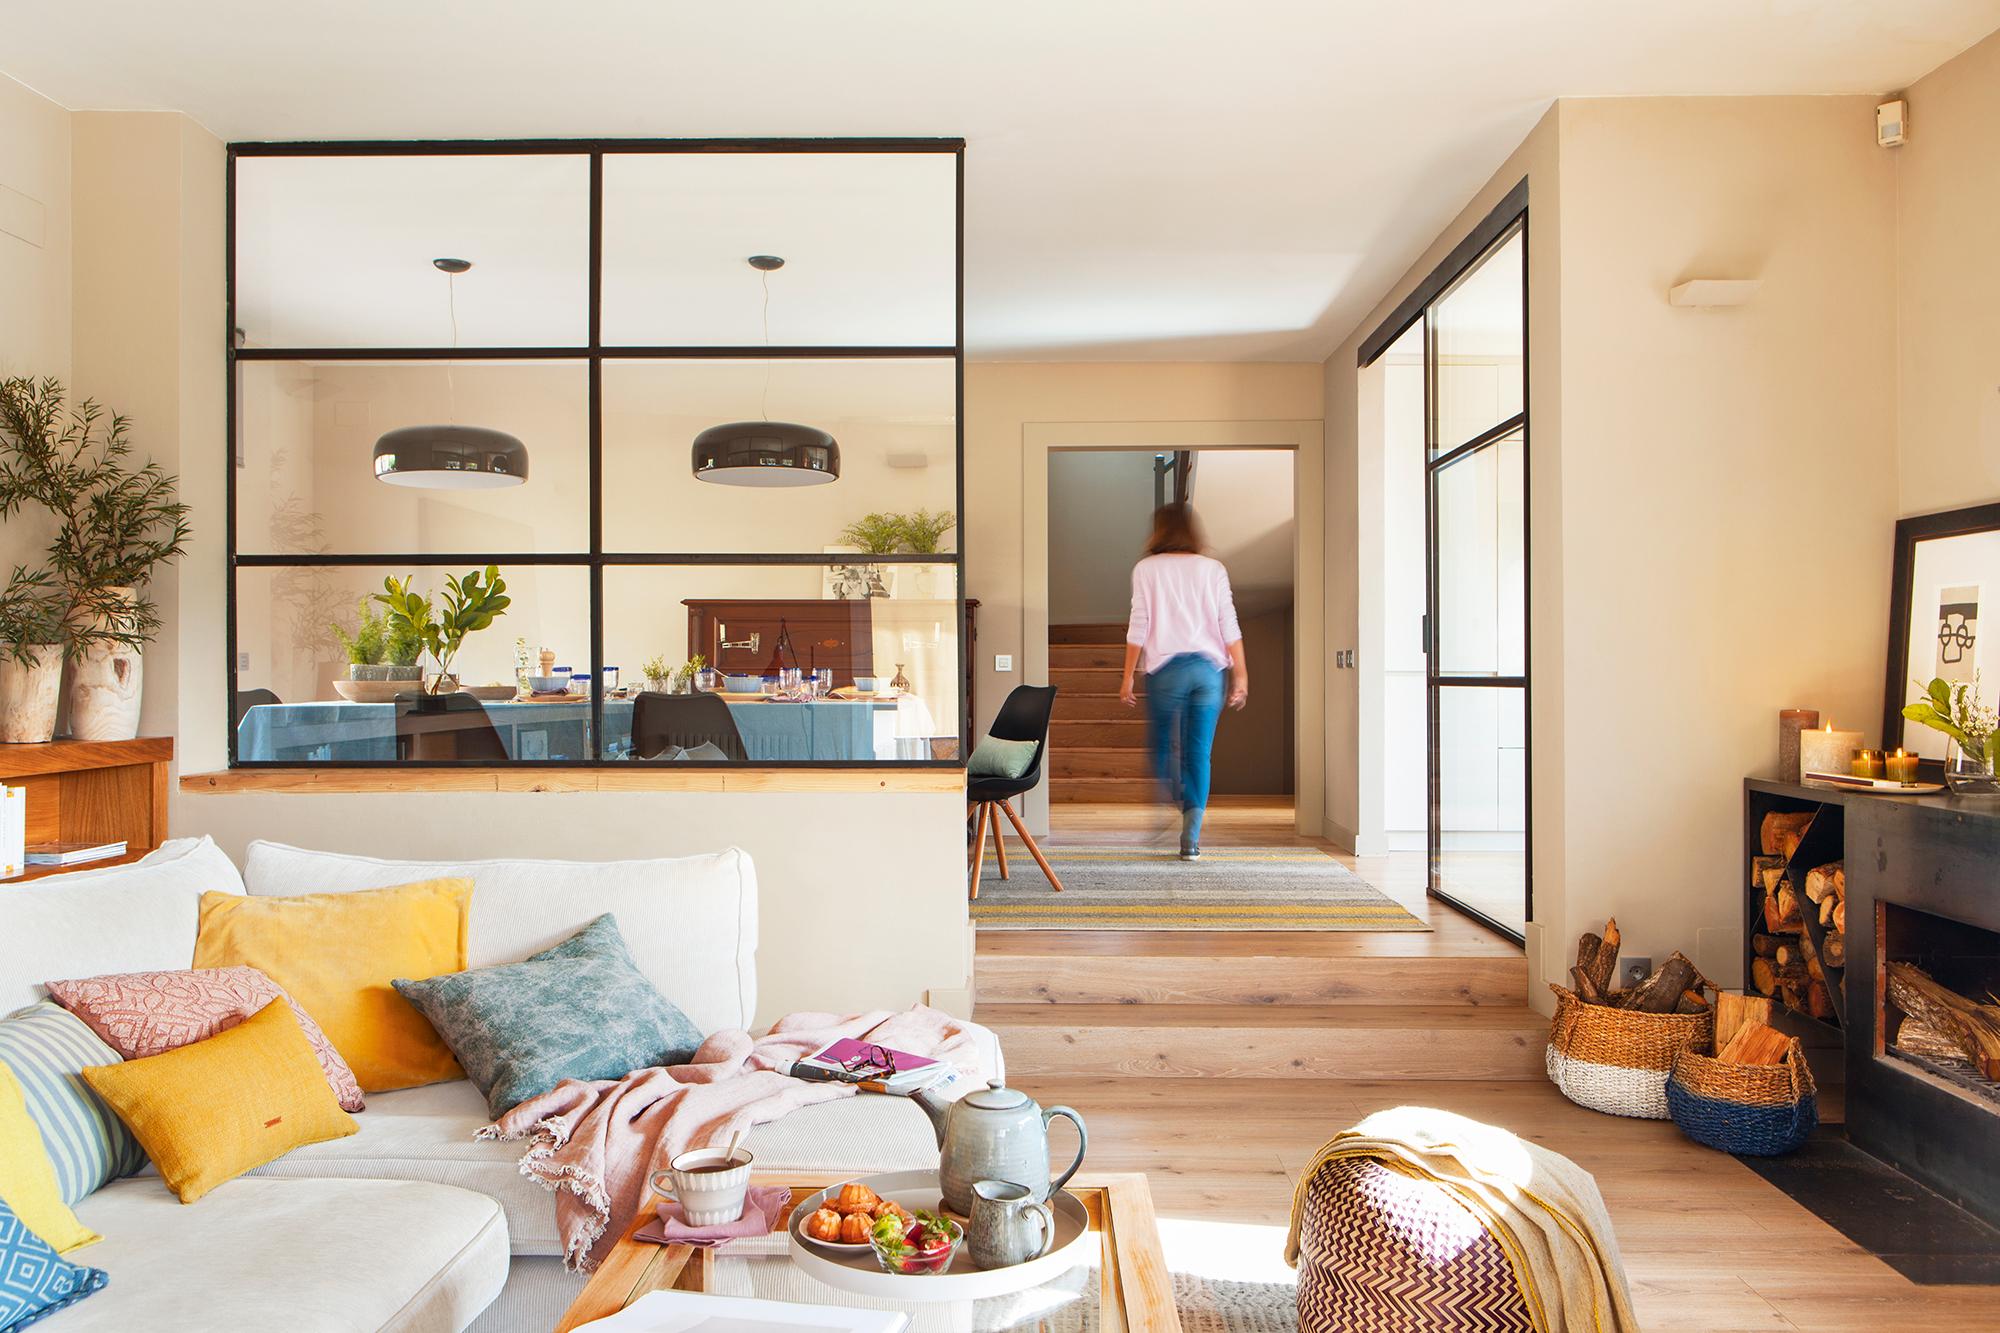 Separar ambientes 10 ideas pr ticas y decorativas for Se puede dividir un piso en dos